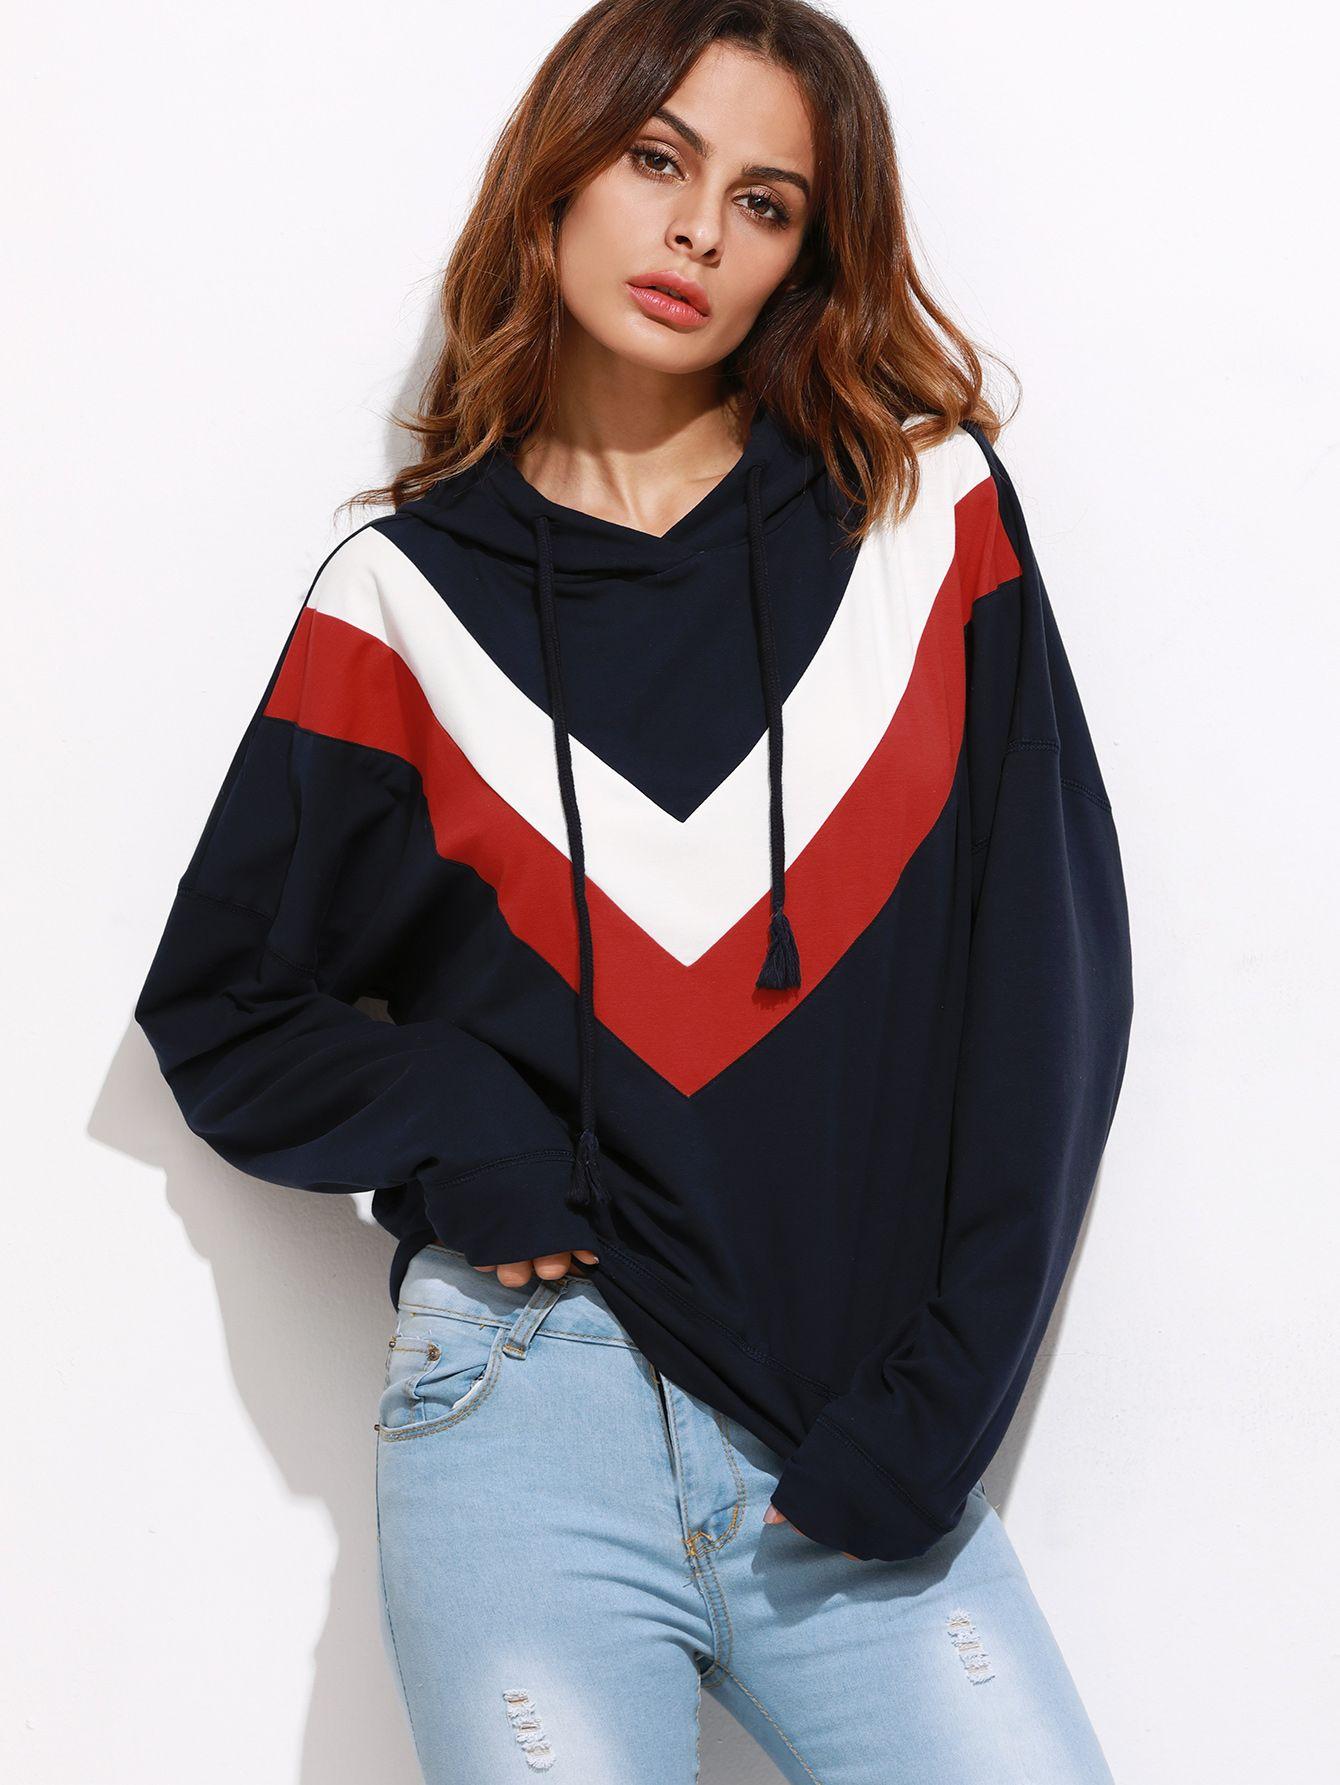 1aaa6d8d65 Shop Navy Drop Shoulder Chevron Pattern Hoodie online. SheIn offers Navy  Drop Shoulder Chevron Pattern Hoodie   more to fit your fashionable needs.